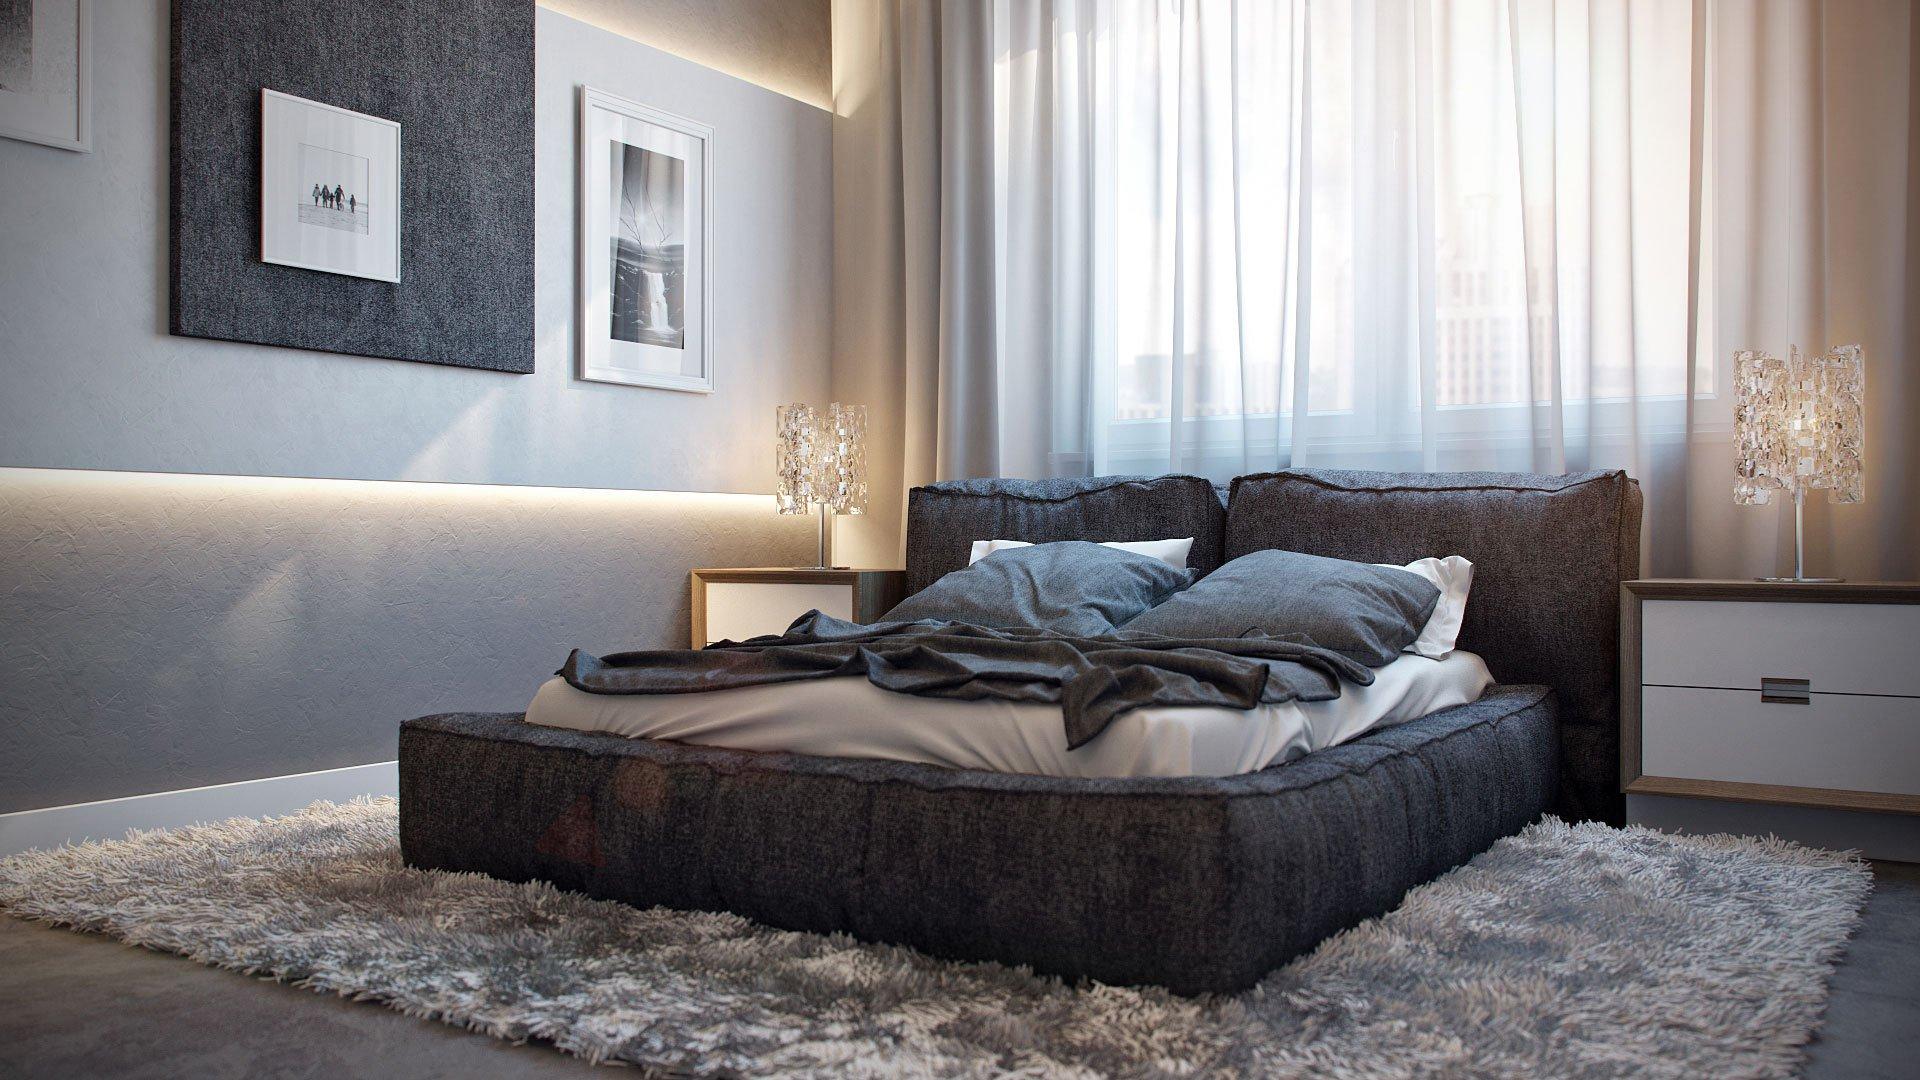 кровать изголовьем к окну модерн